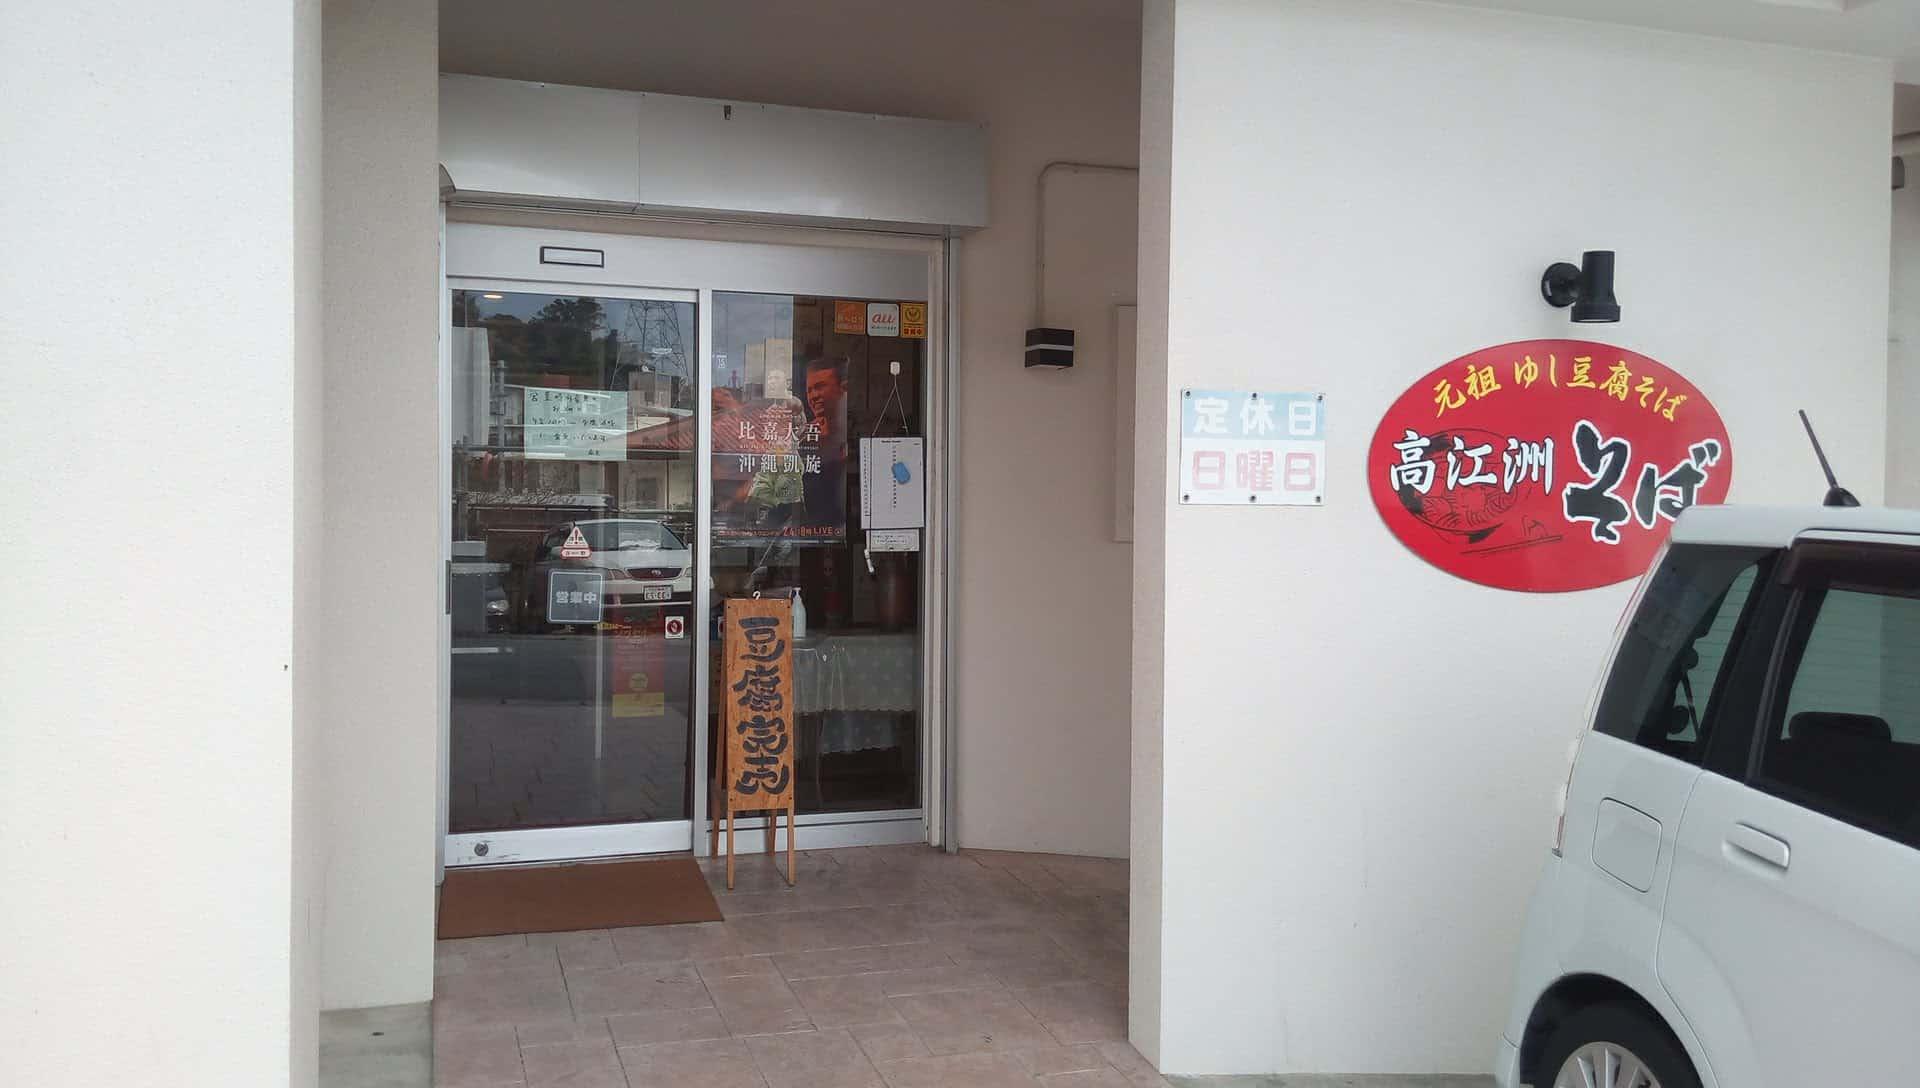 Takaesu Soba (高江洲そば) Okinawa